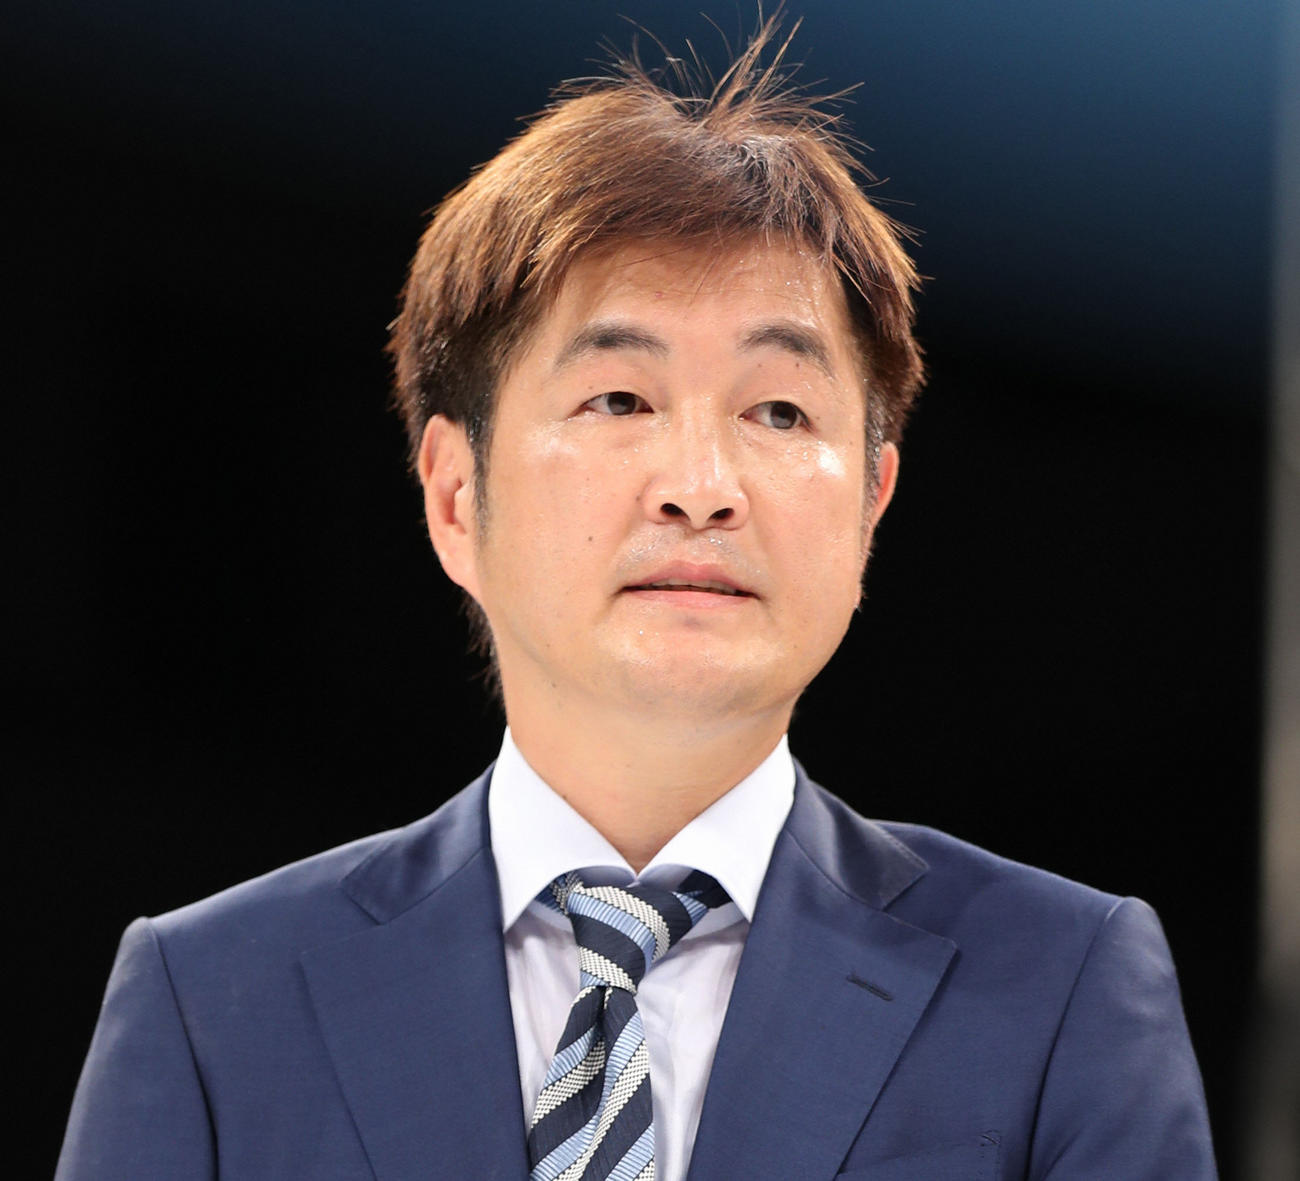 井岡弘樹氏ストレス解消法「ボクシエット」ライブ配信 - ボクシング : 日刊スポーツ